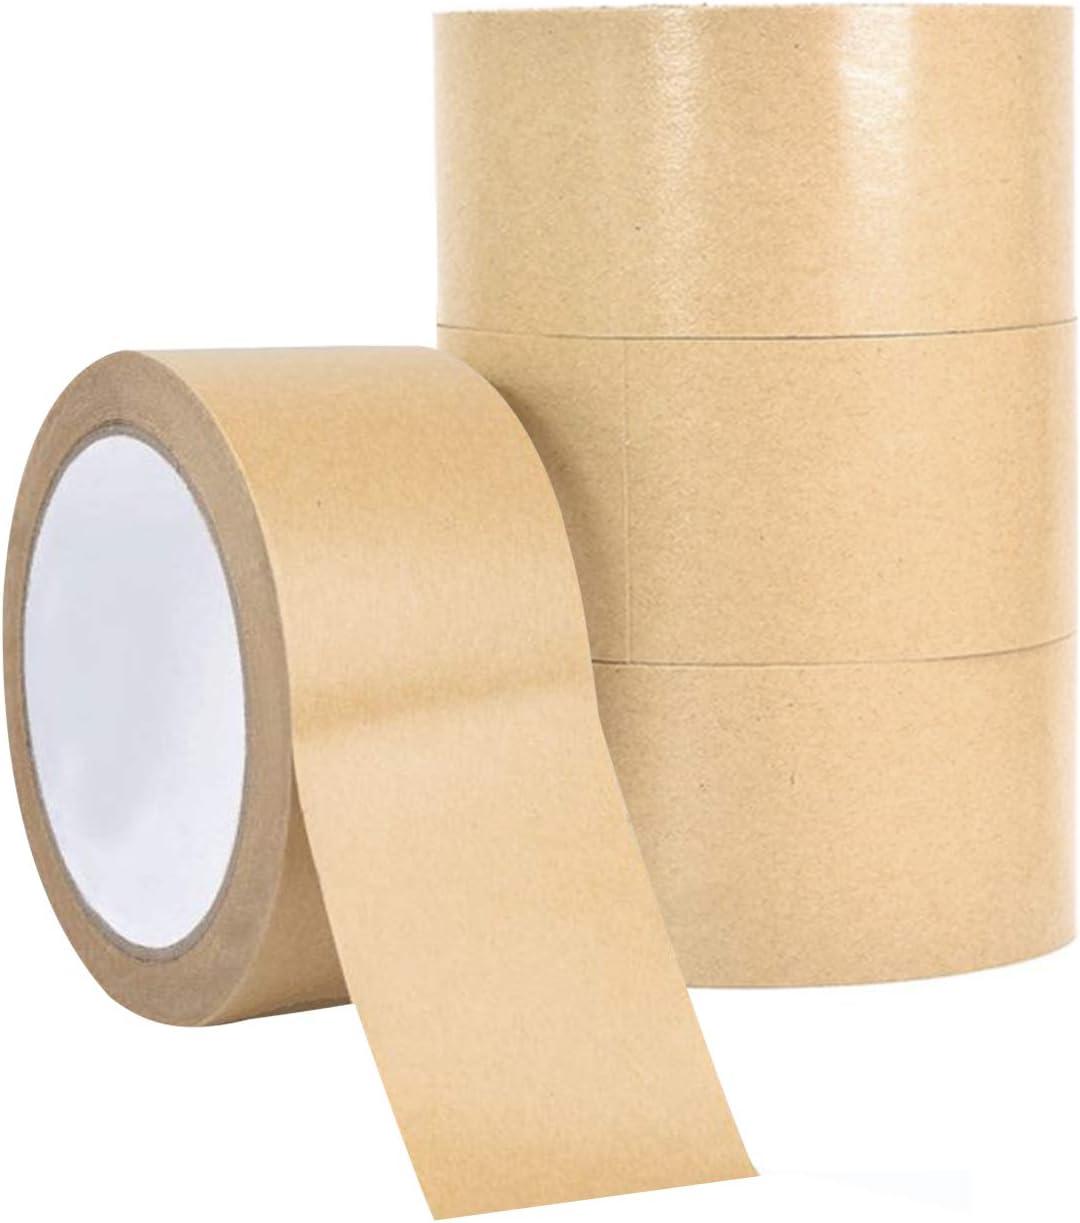 ruban de papier demballage 50 mm x 30 m XGzhsa Ruban de papier kraft 4 rouleaux Rubans kraft brun recyclables Rubans demballage auto-adh/ésifs pour colis et cadre photo